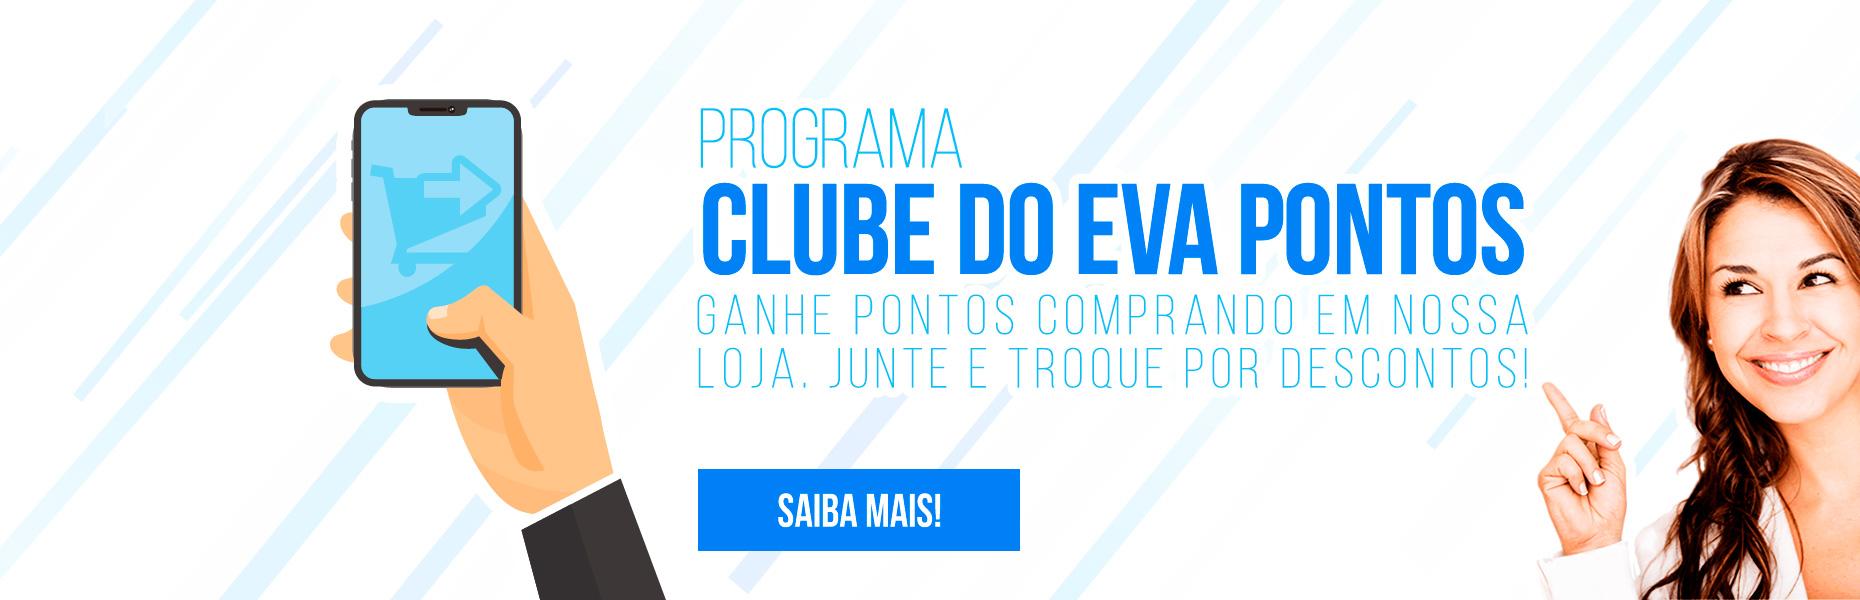 Clube do EVA Pontos - Compre e Ganhe Descontos